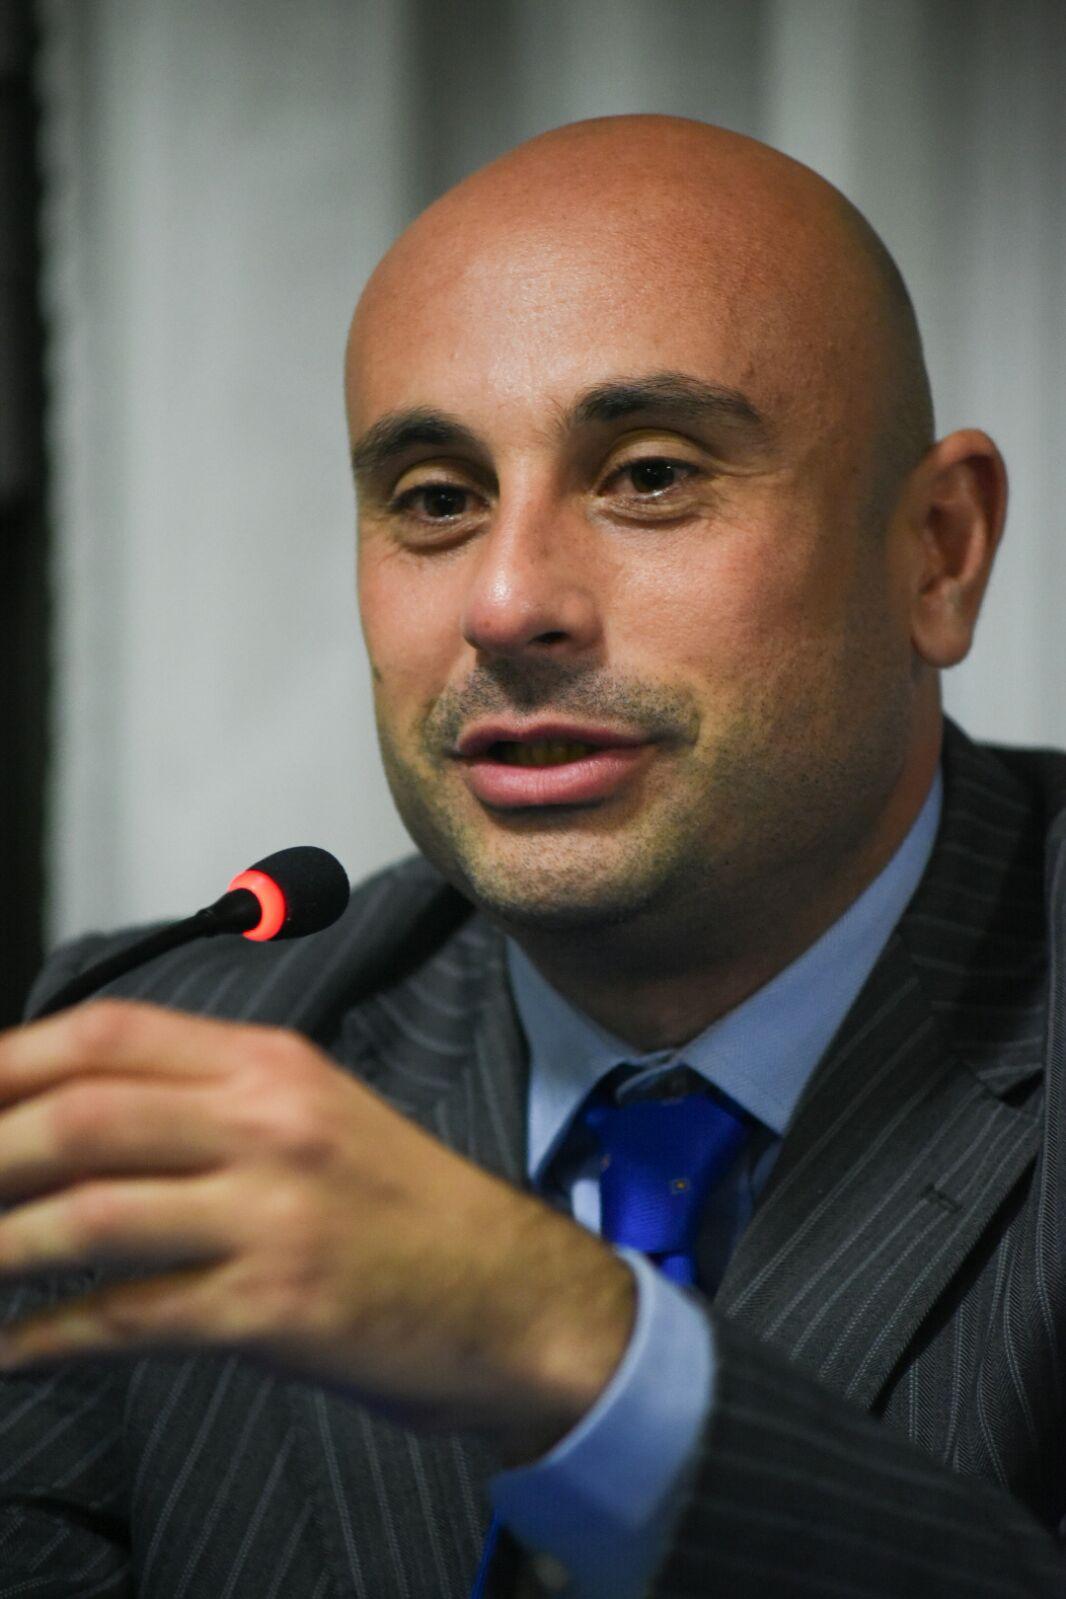 Forum 015: incontro pubblico 1 dicembre a Latina – intervista a Nicola Tavoletta, dirigente delle ACLI e Portavoce del Forum del Terzo Settore diLatina